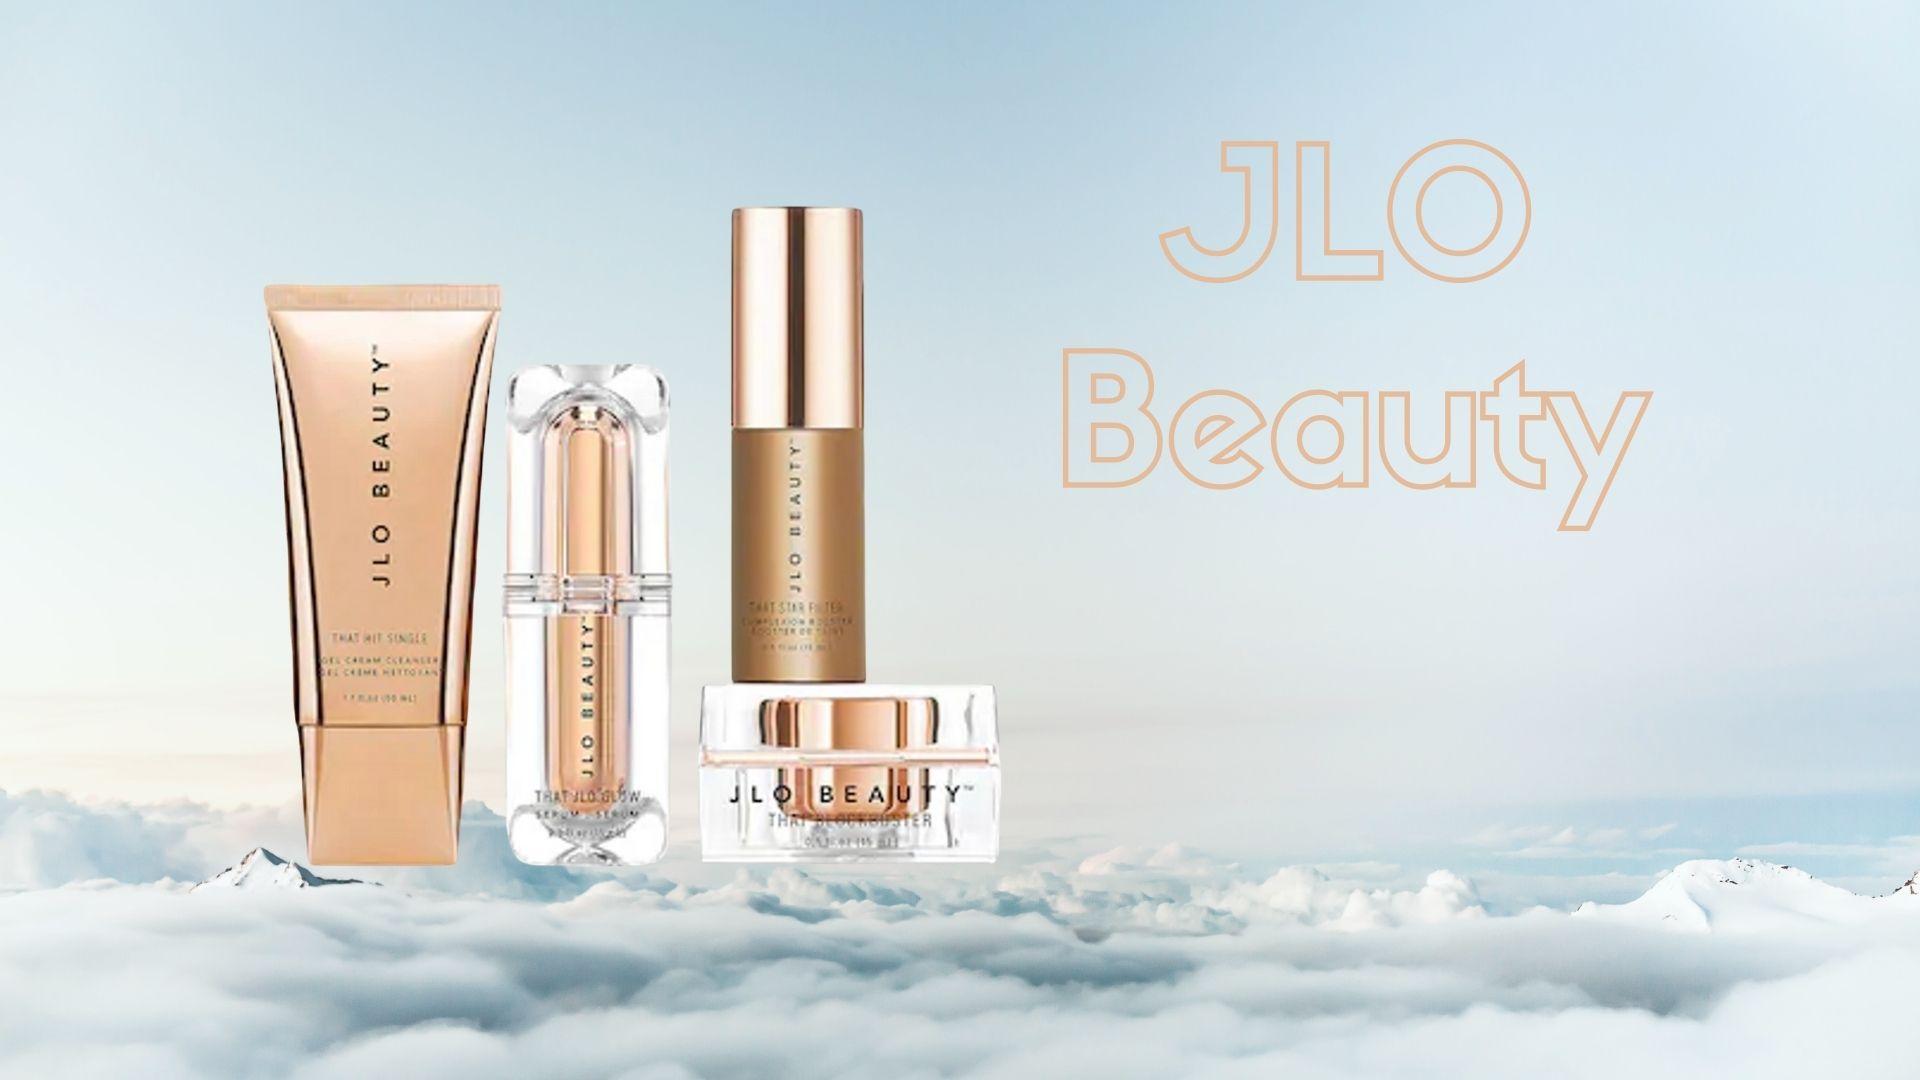 JLo Beauty Review: una reseña de los mejores productos de belleza JLo